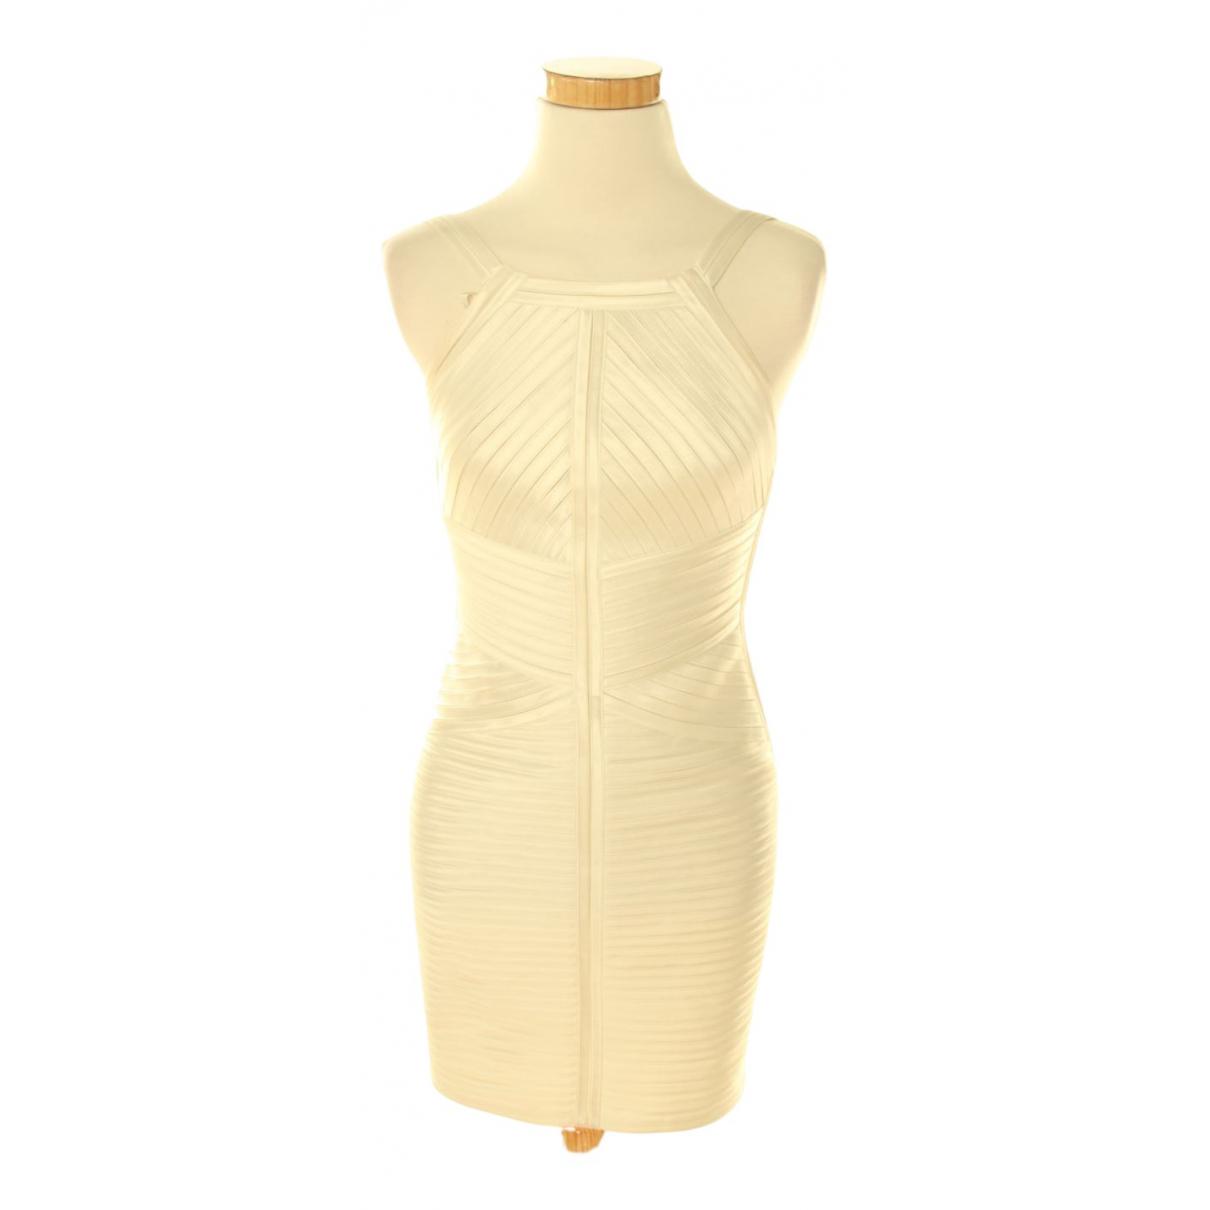 Bcbg Max Azria N White dress for Women 36 FR